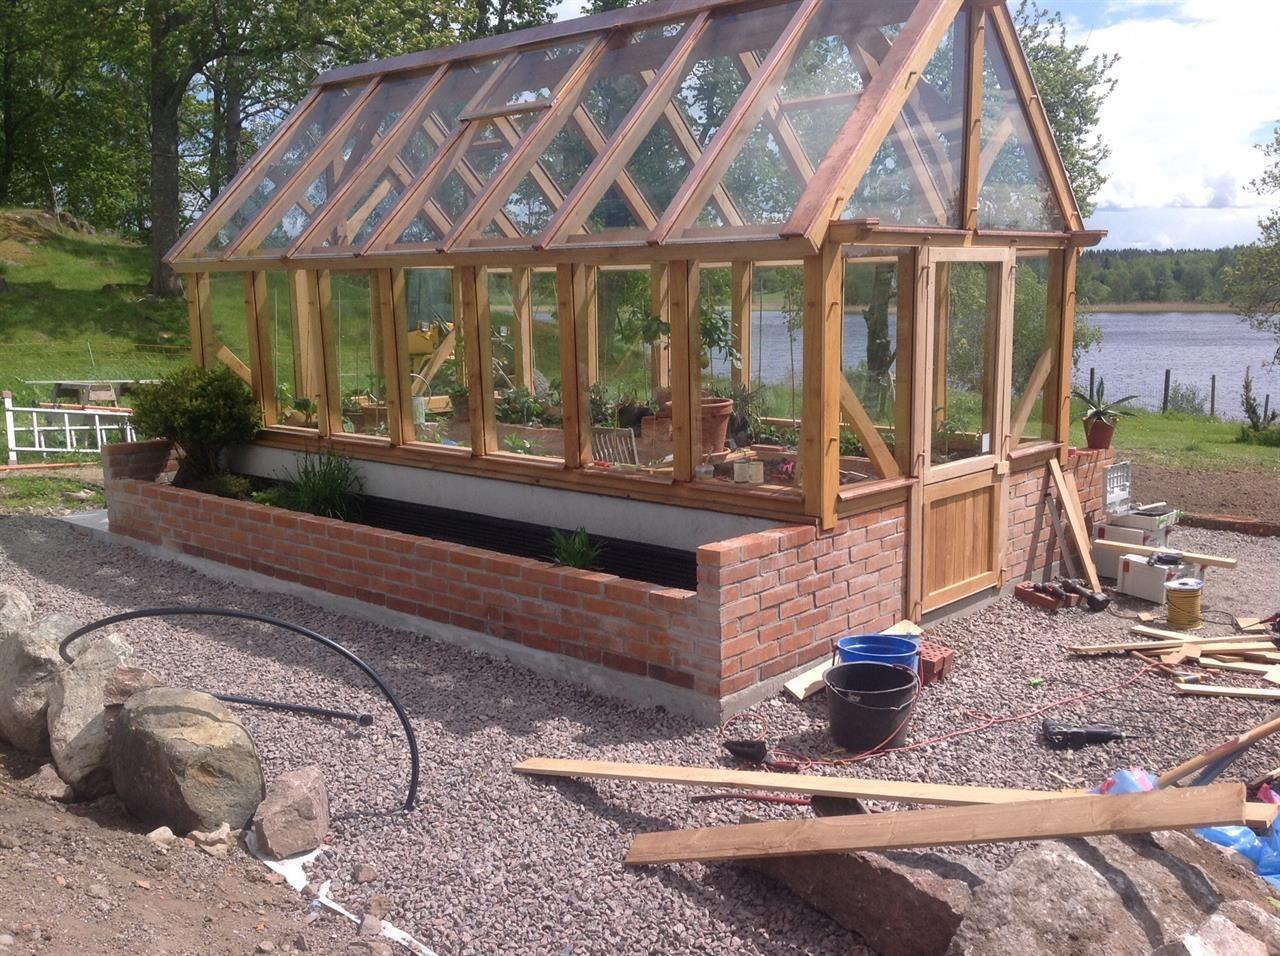 Växthus 14 m2 (avec images) Jardinage en serre, Idées